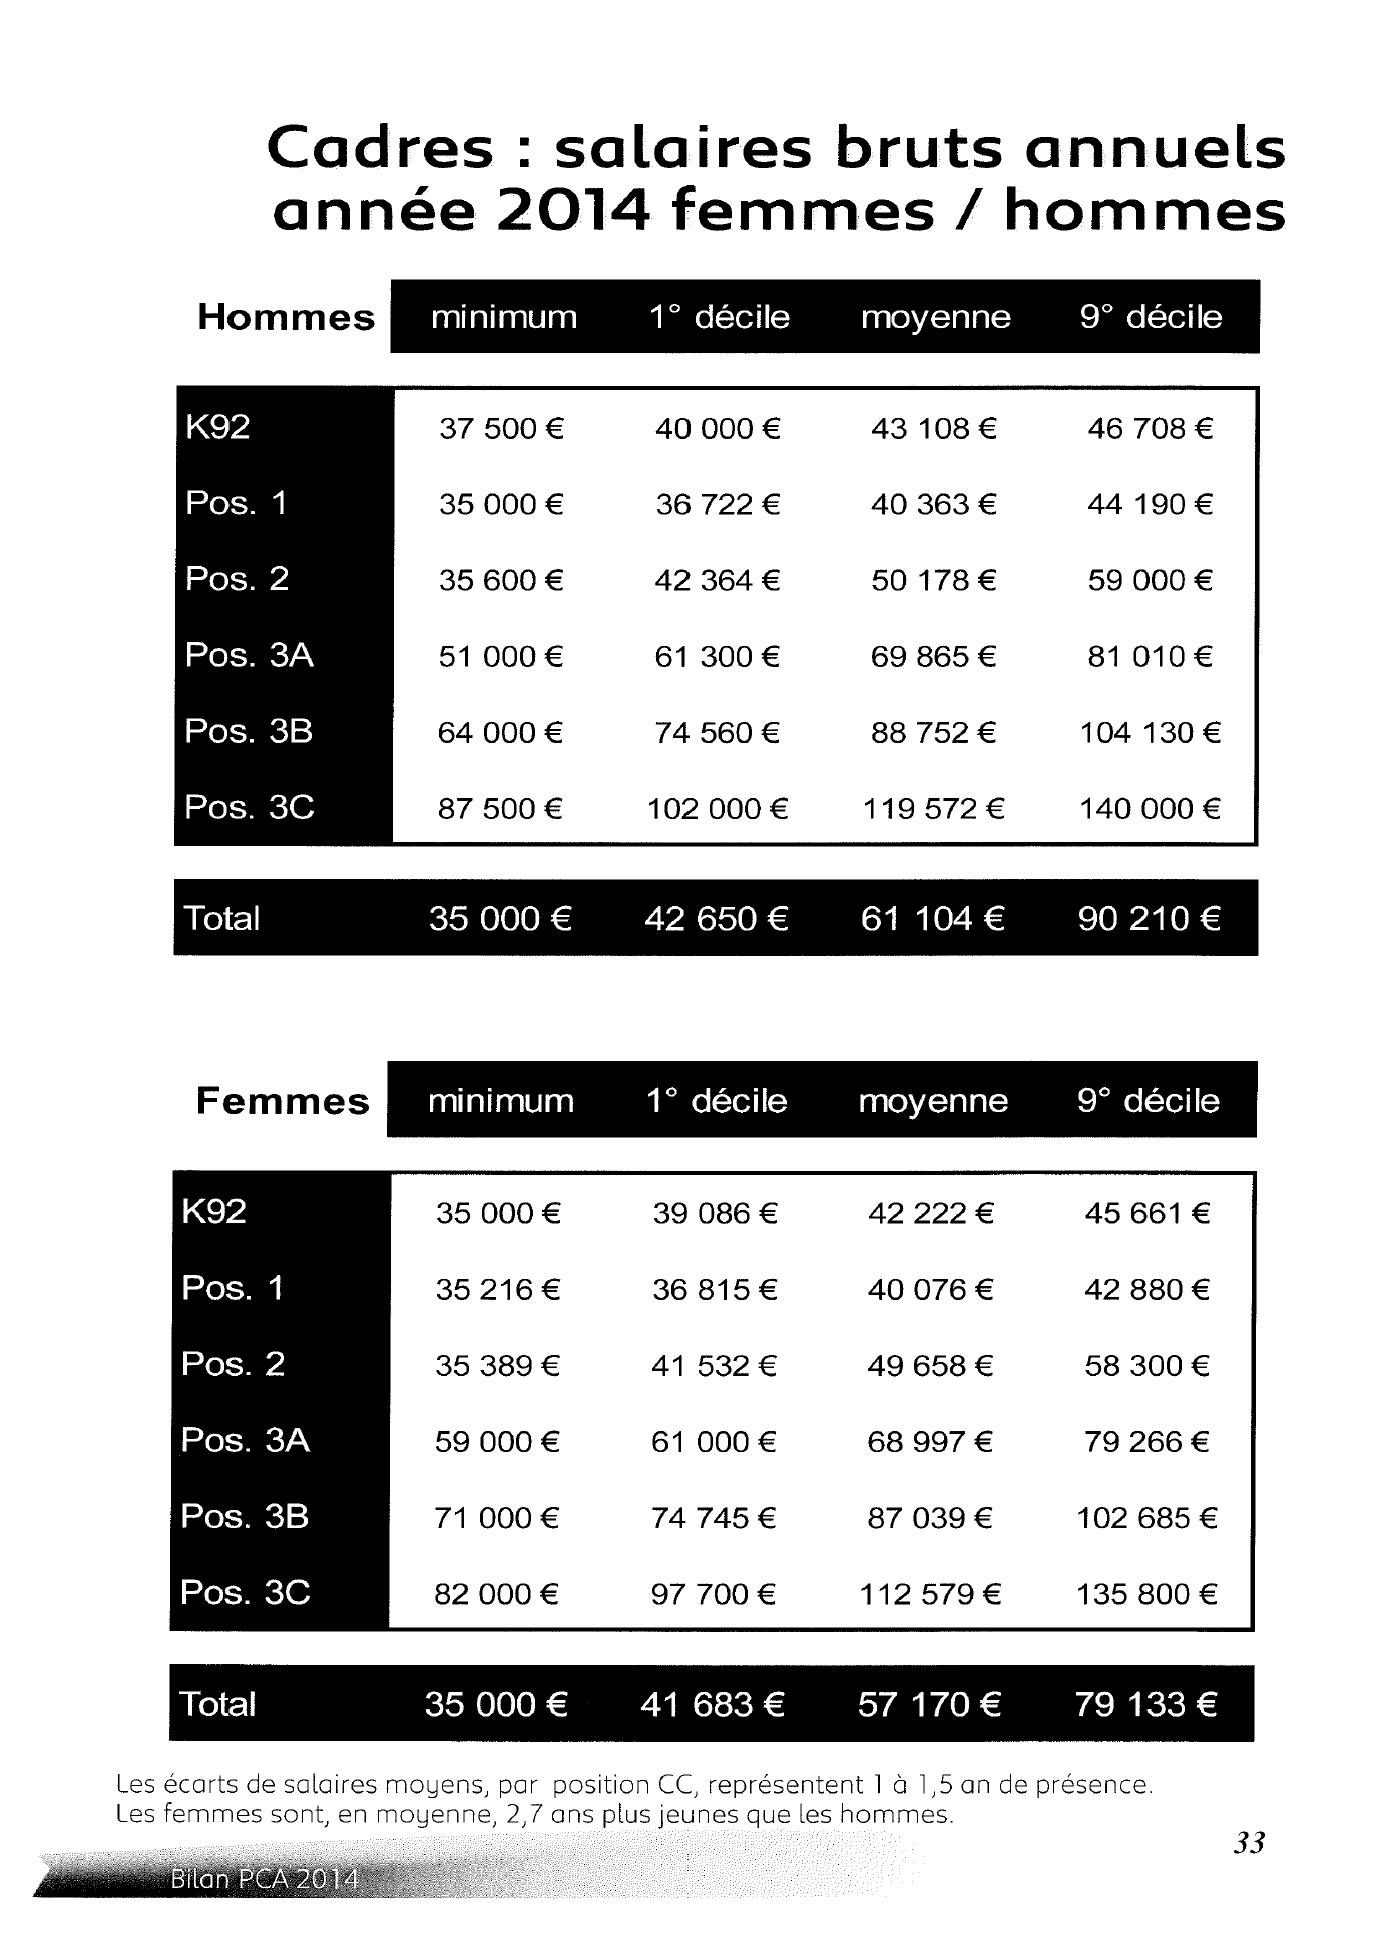 grille salaire 2016 etam batiment 28 images grille salaire 2016 etam batiment